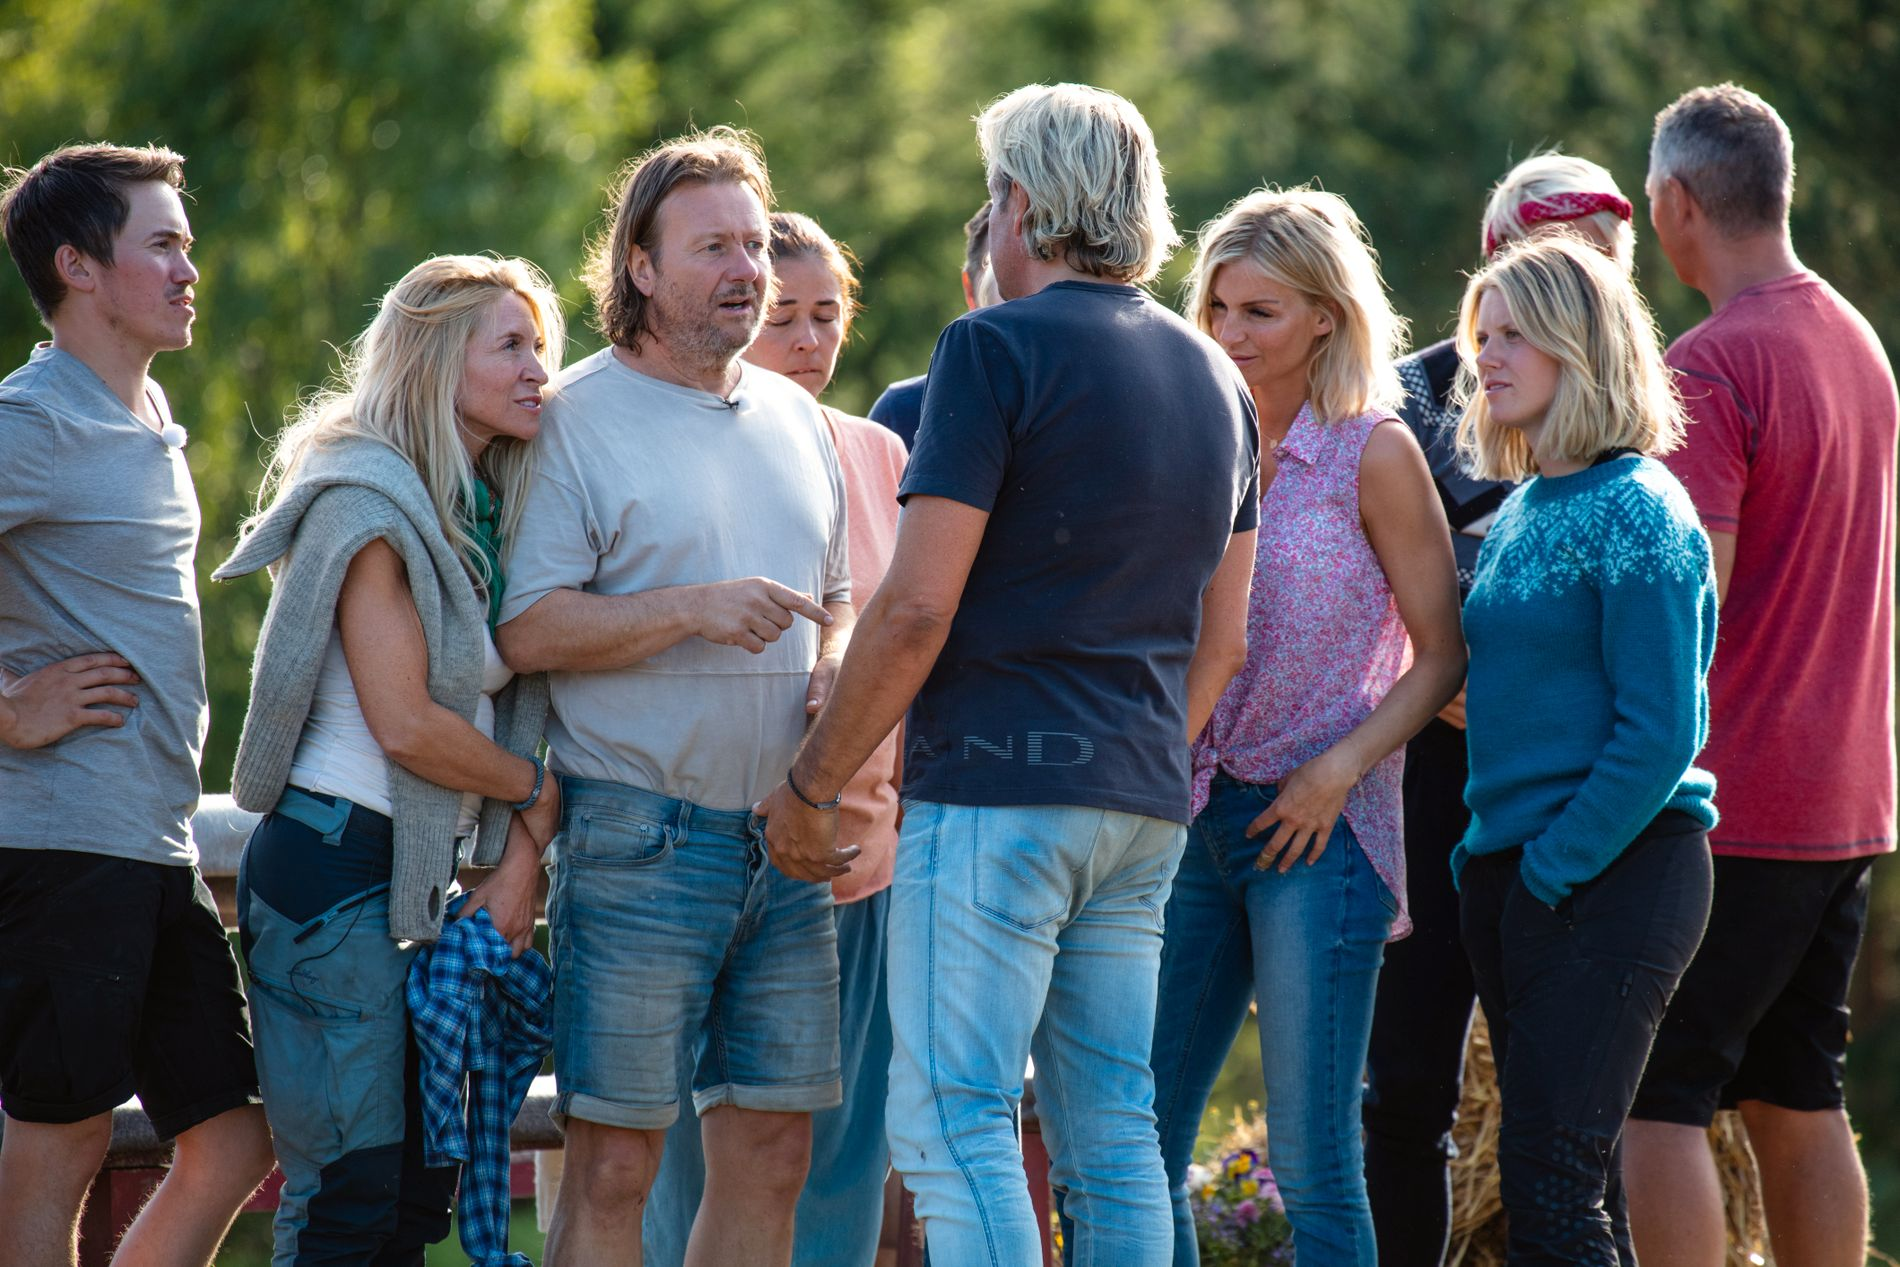 TOK FARVEL: Runar Søgaard synes det var trist å ta farvel med de andre «Farmen kjendis»-deltagerne.